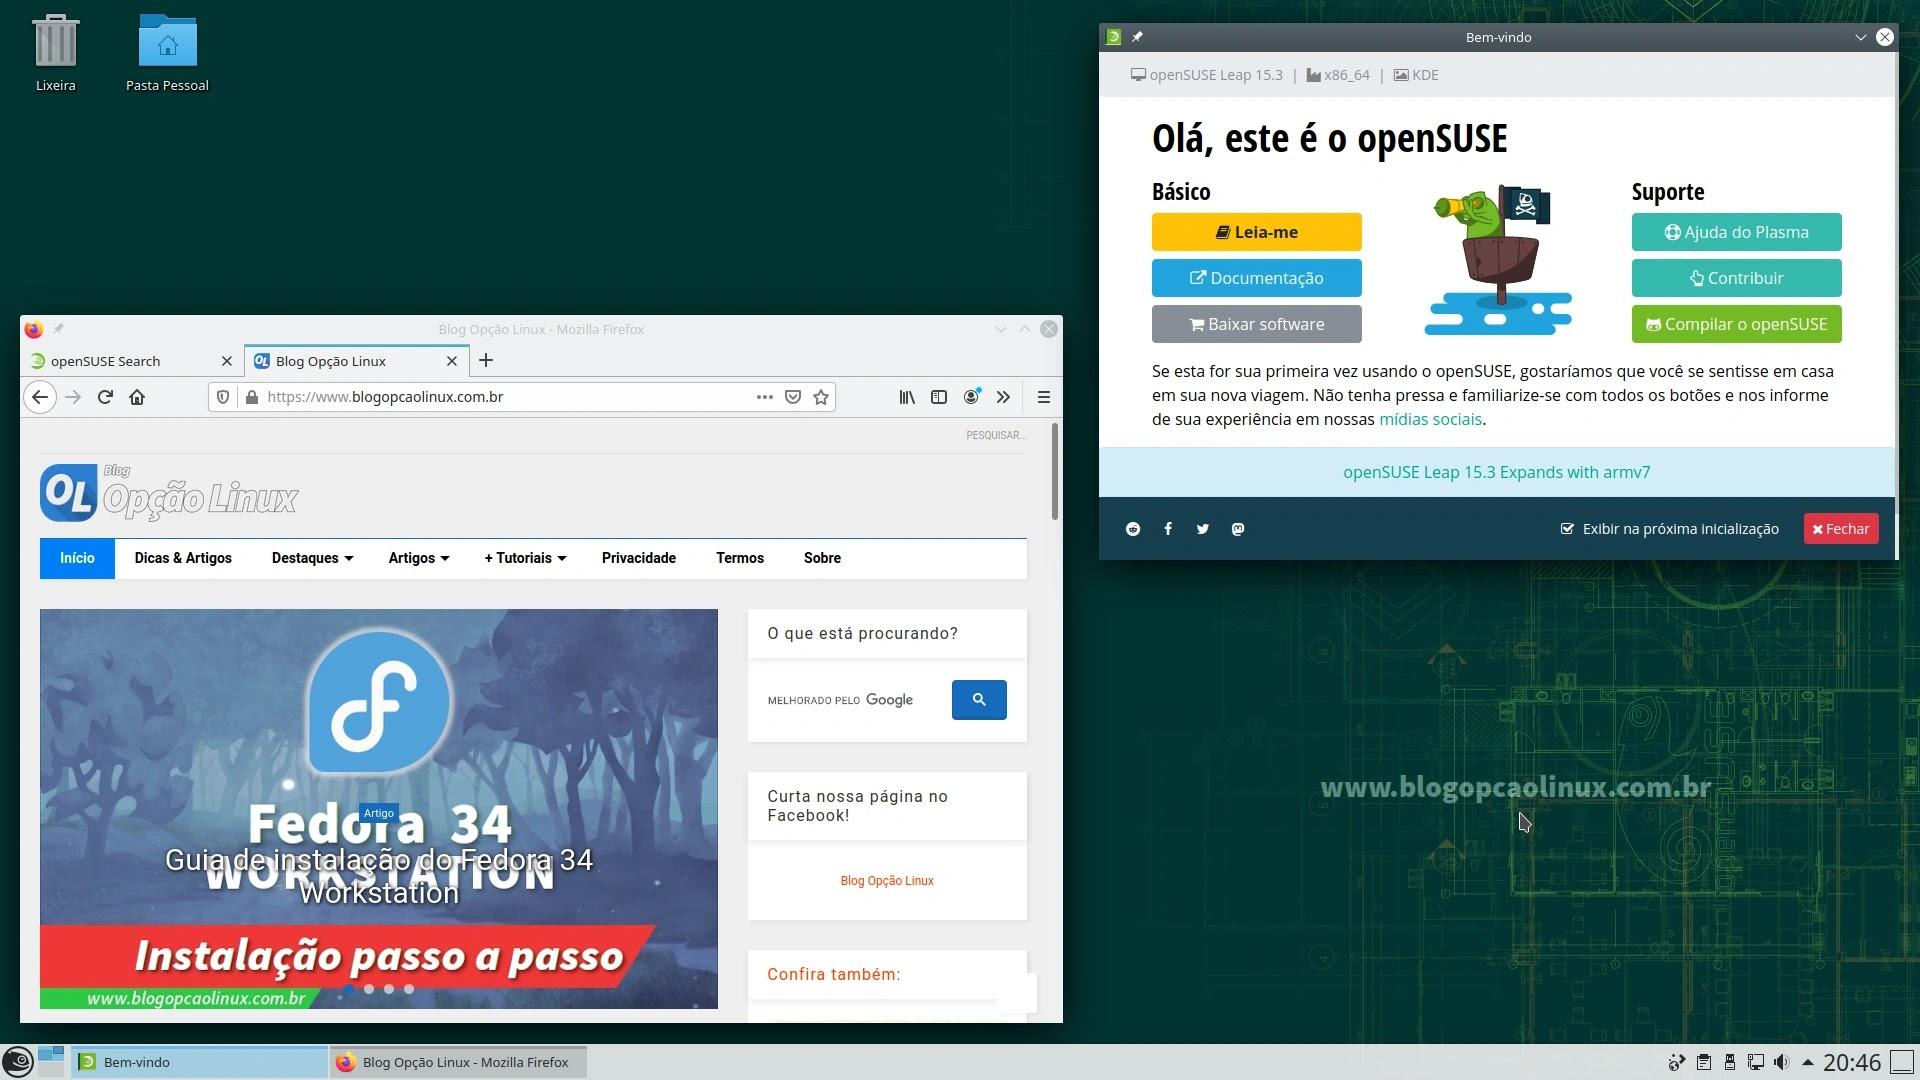 Captura de tela do openSUSE Leap 15.3 com o ambiente de área de trabalho KDE Plasma 5.18 LTS